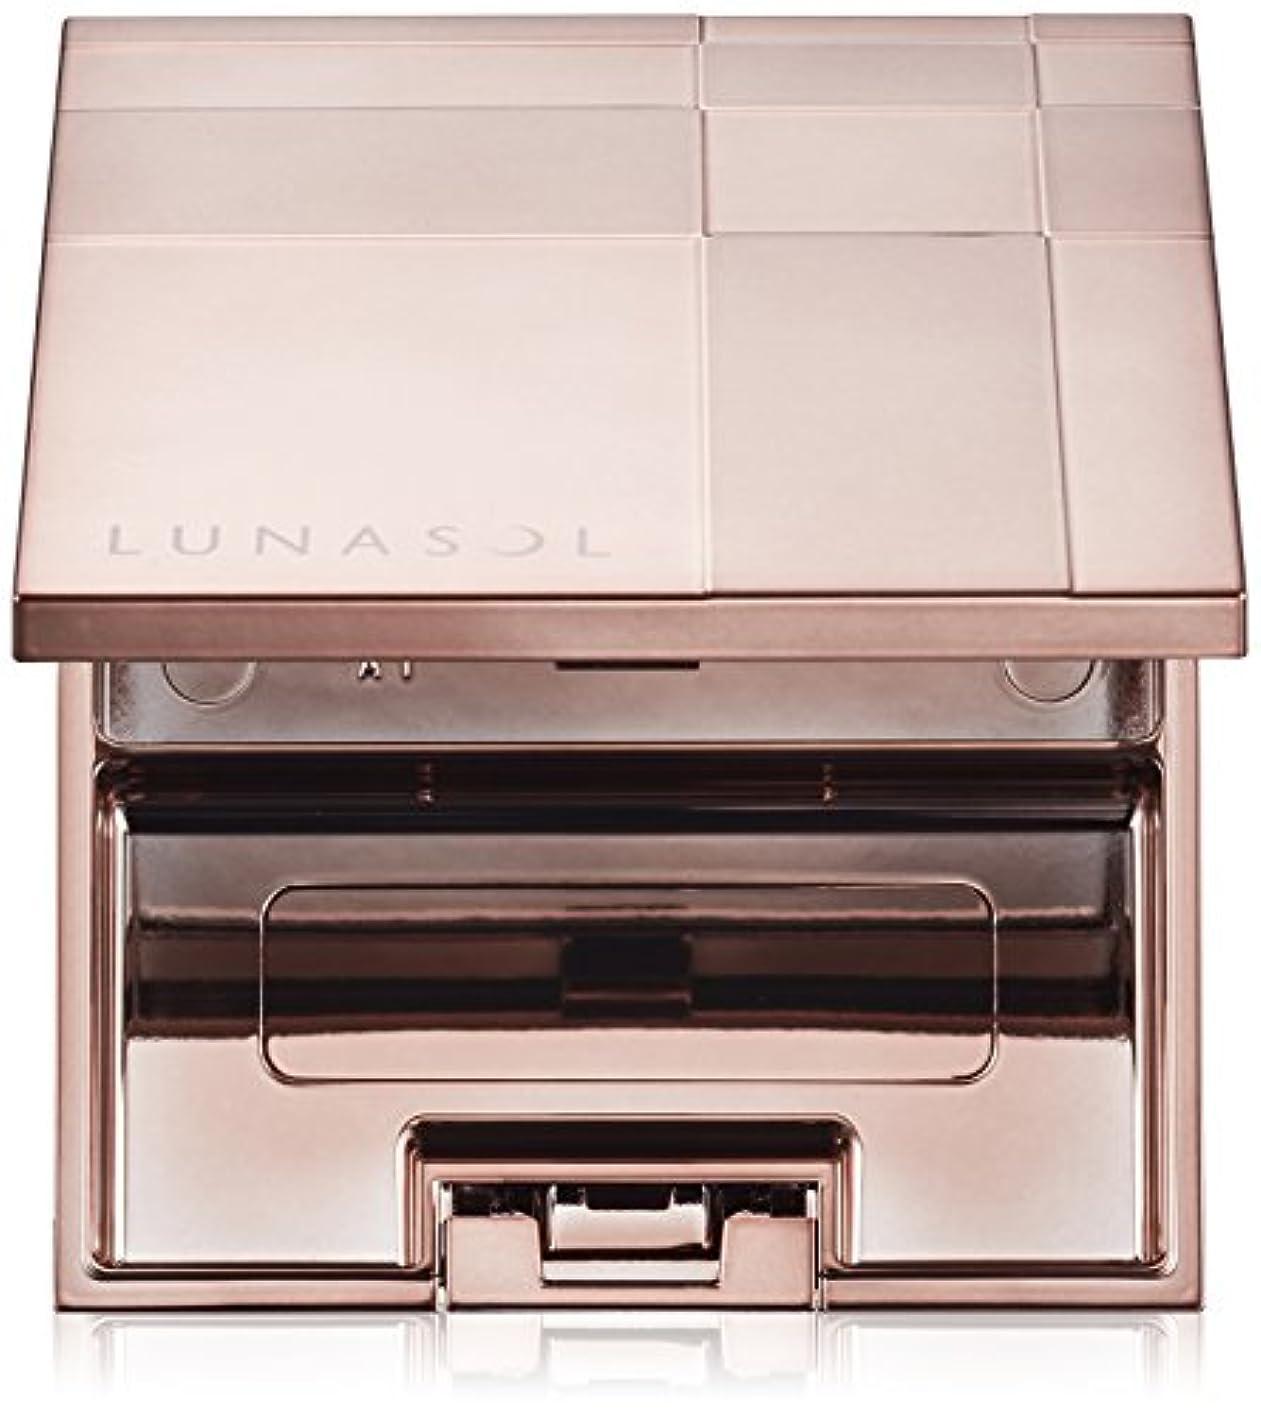 創始者早める自発的ルナソル(LUNASOL) ルナソル ルナソル チークカラーコンパクト 化粧小物 単品